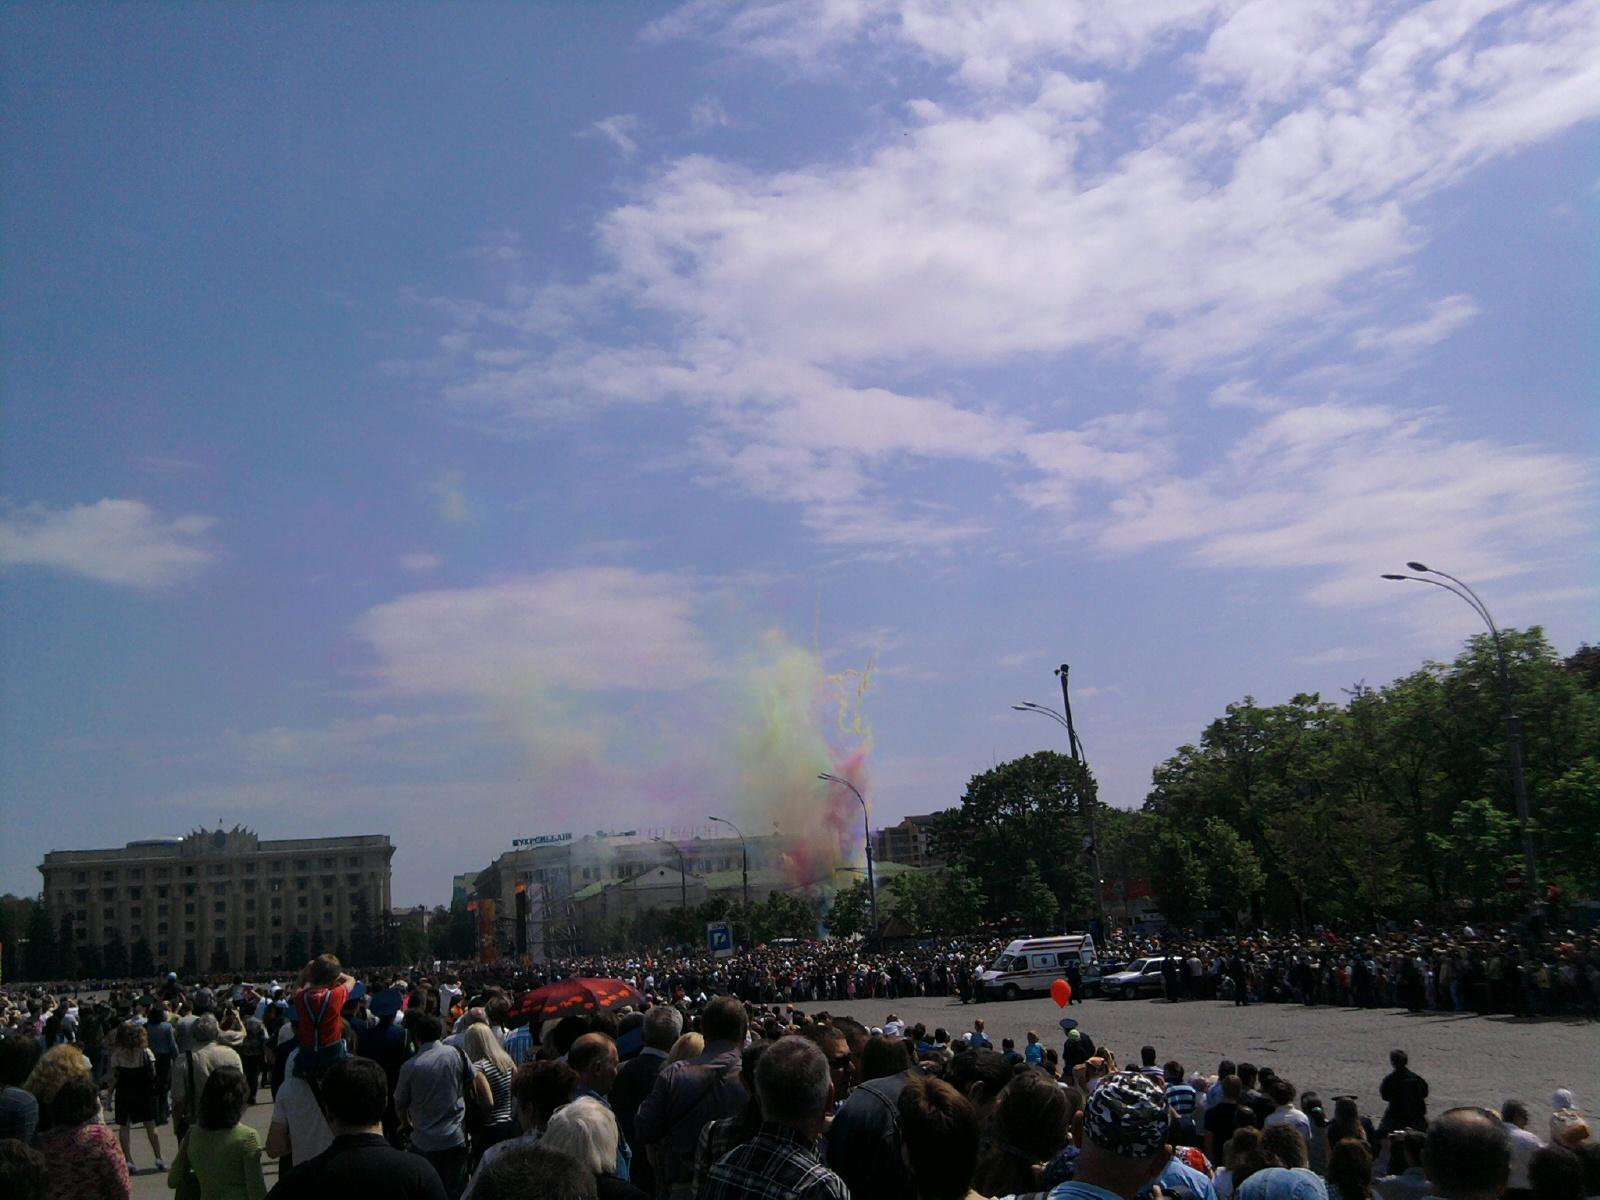 Харьков - День Победы - 2010 - Запускают цветные ракеты